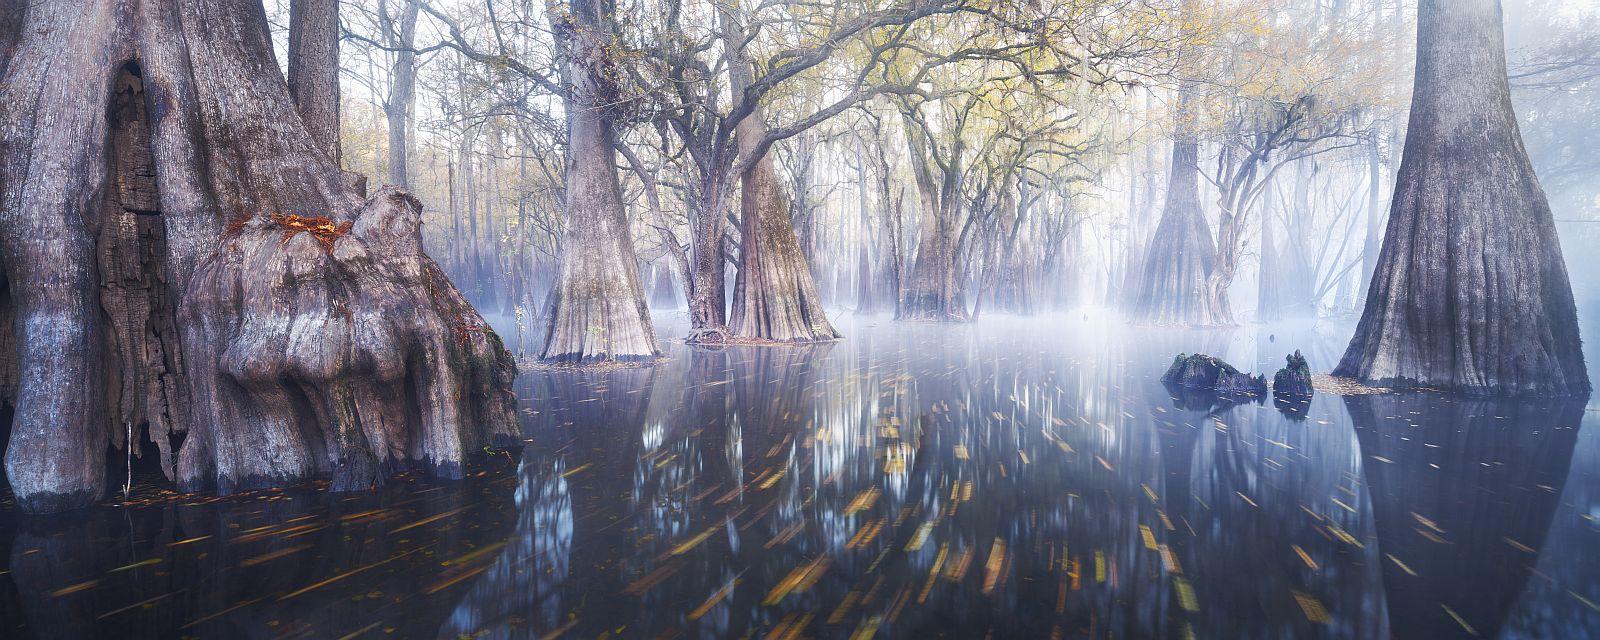 «Дагоба». Третье место в номинации «Fine art landscape». Фото: Paul Marcellini